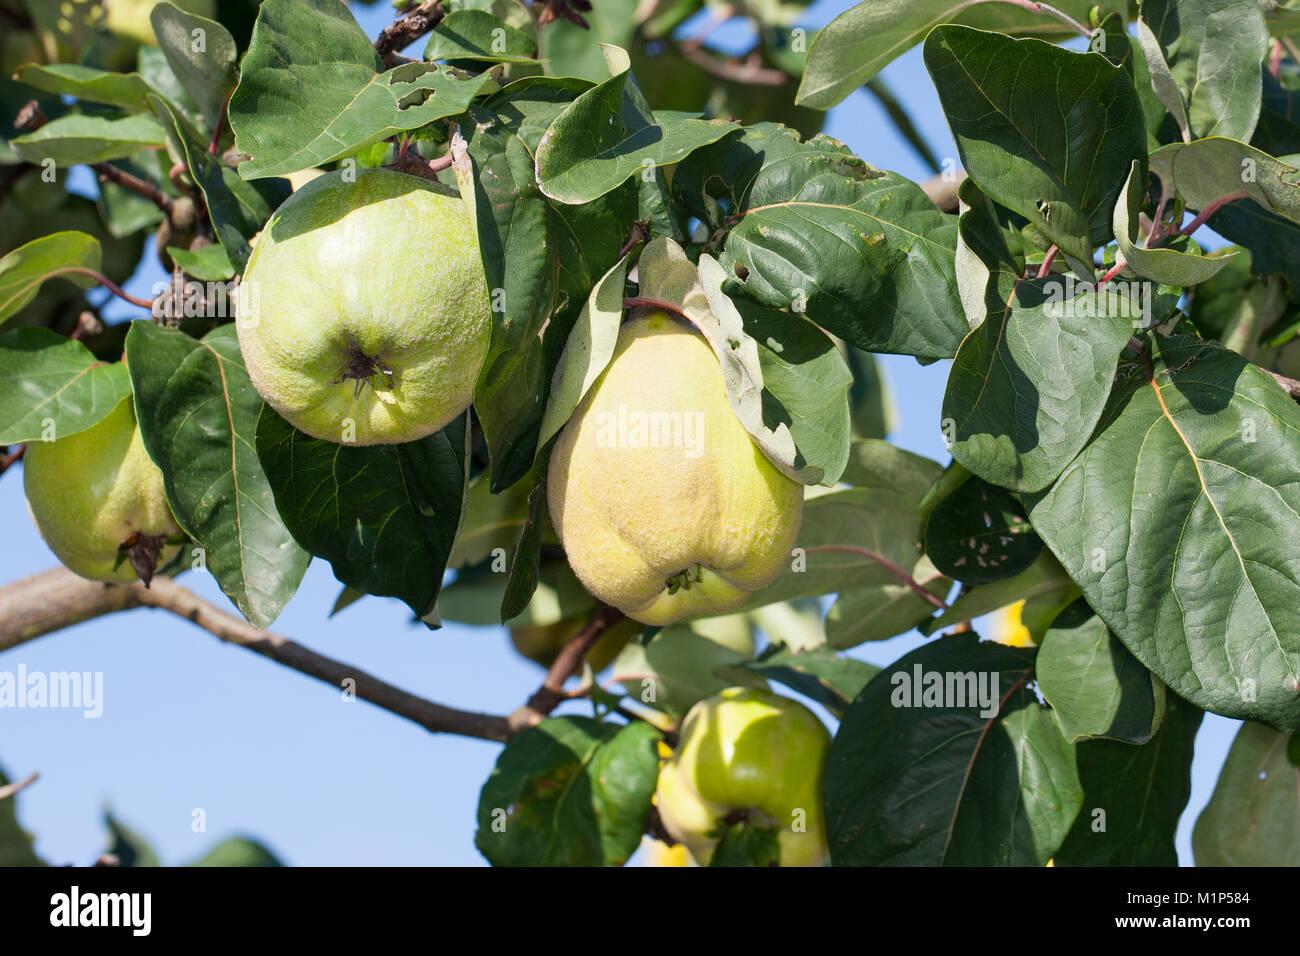 Echte Quitte, Frucht, Früchte, Cydonia oblonga, Quince, fruit, Cognassier Stock Photo